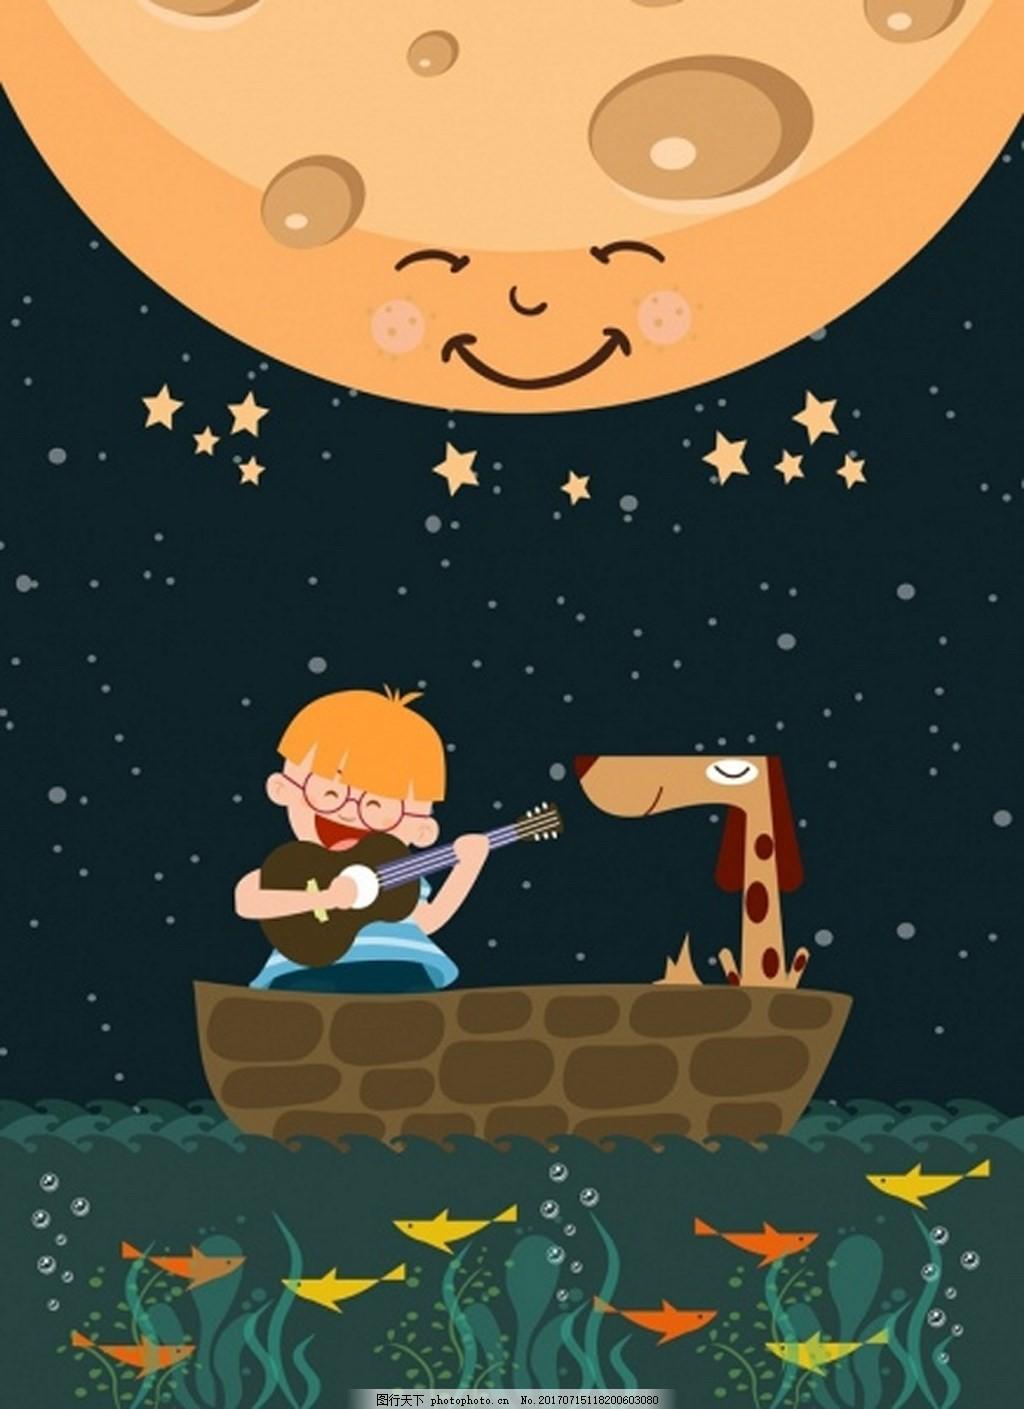 儿童节背景素材 小孩 狗 鱼 海洋 星球 星星 音乐 矢量背景